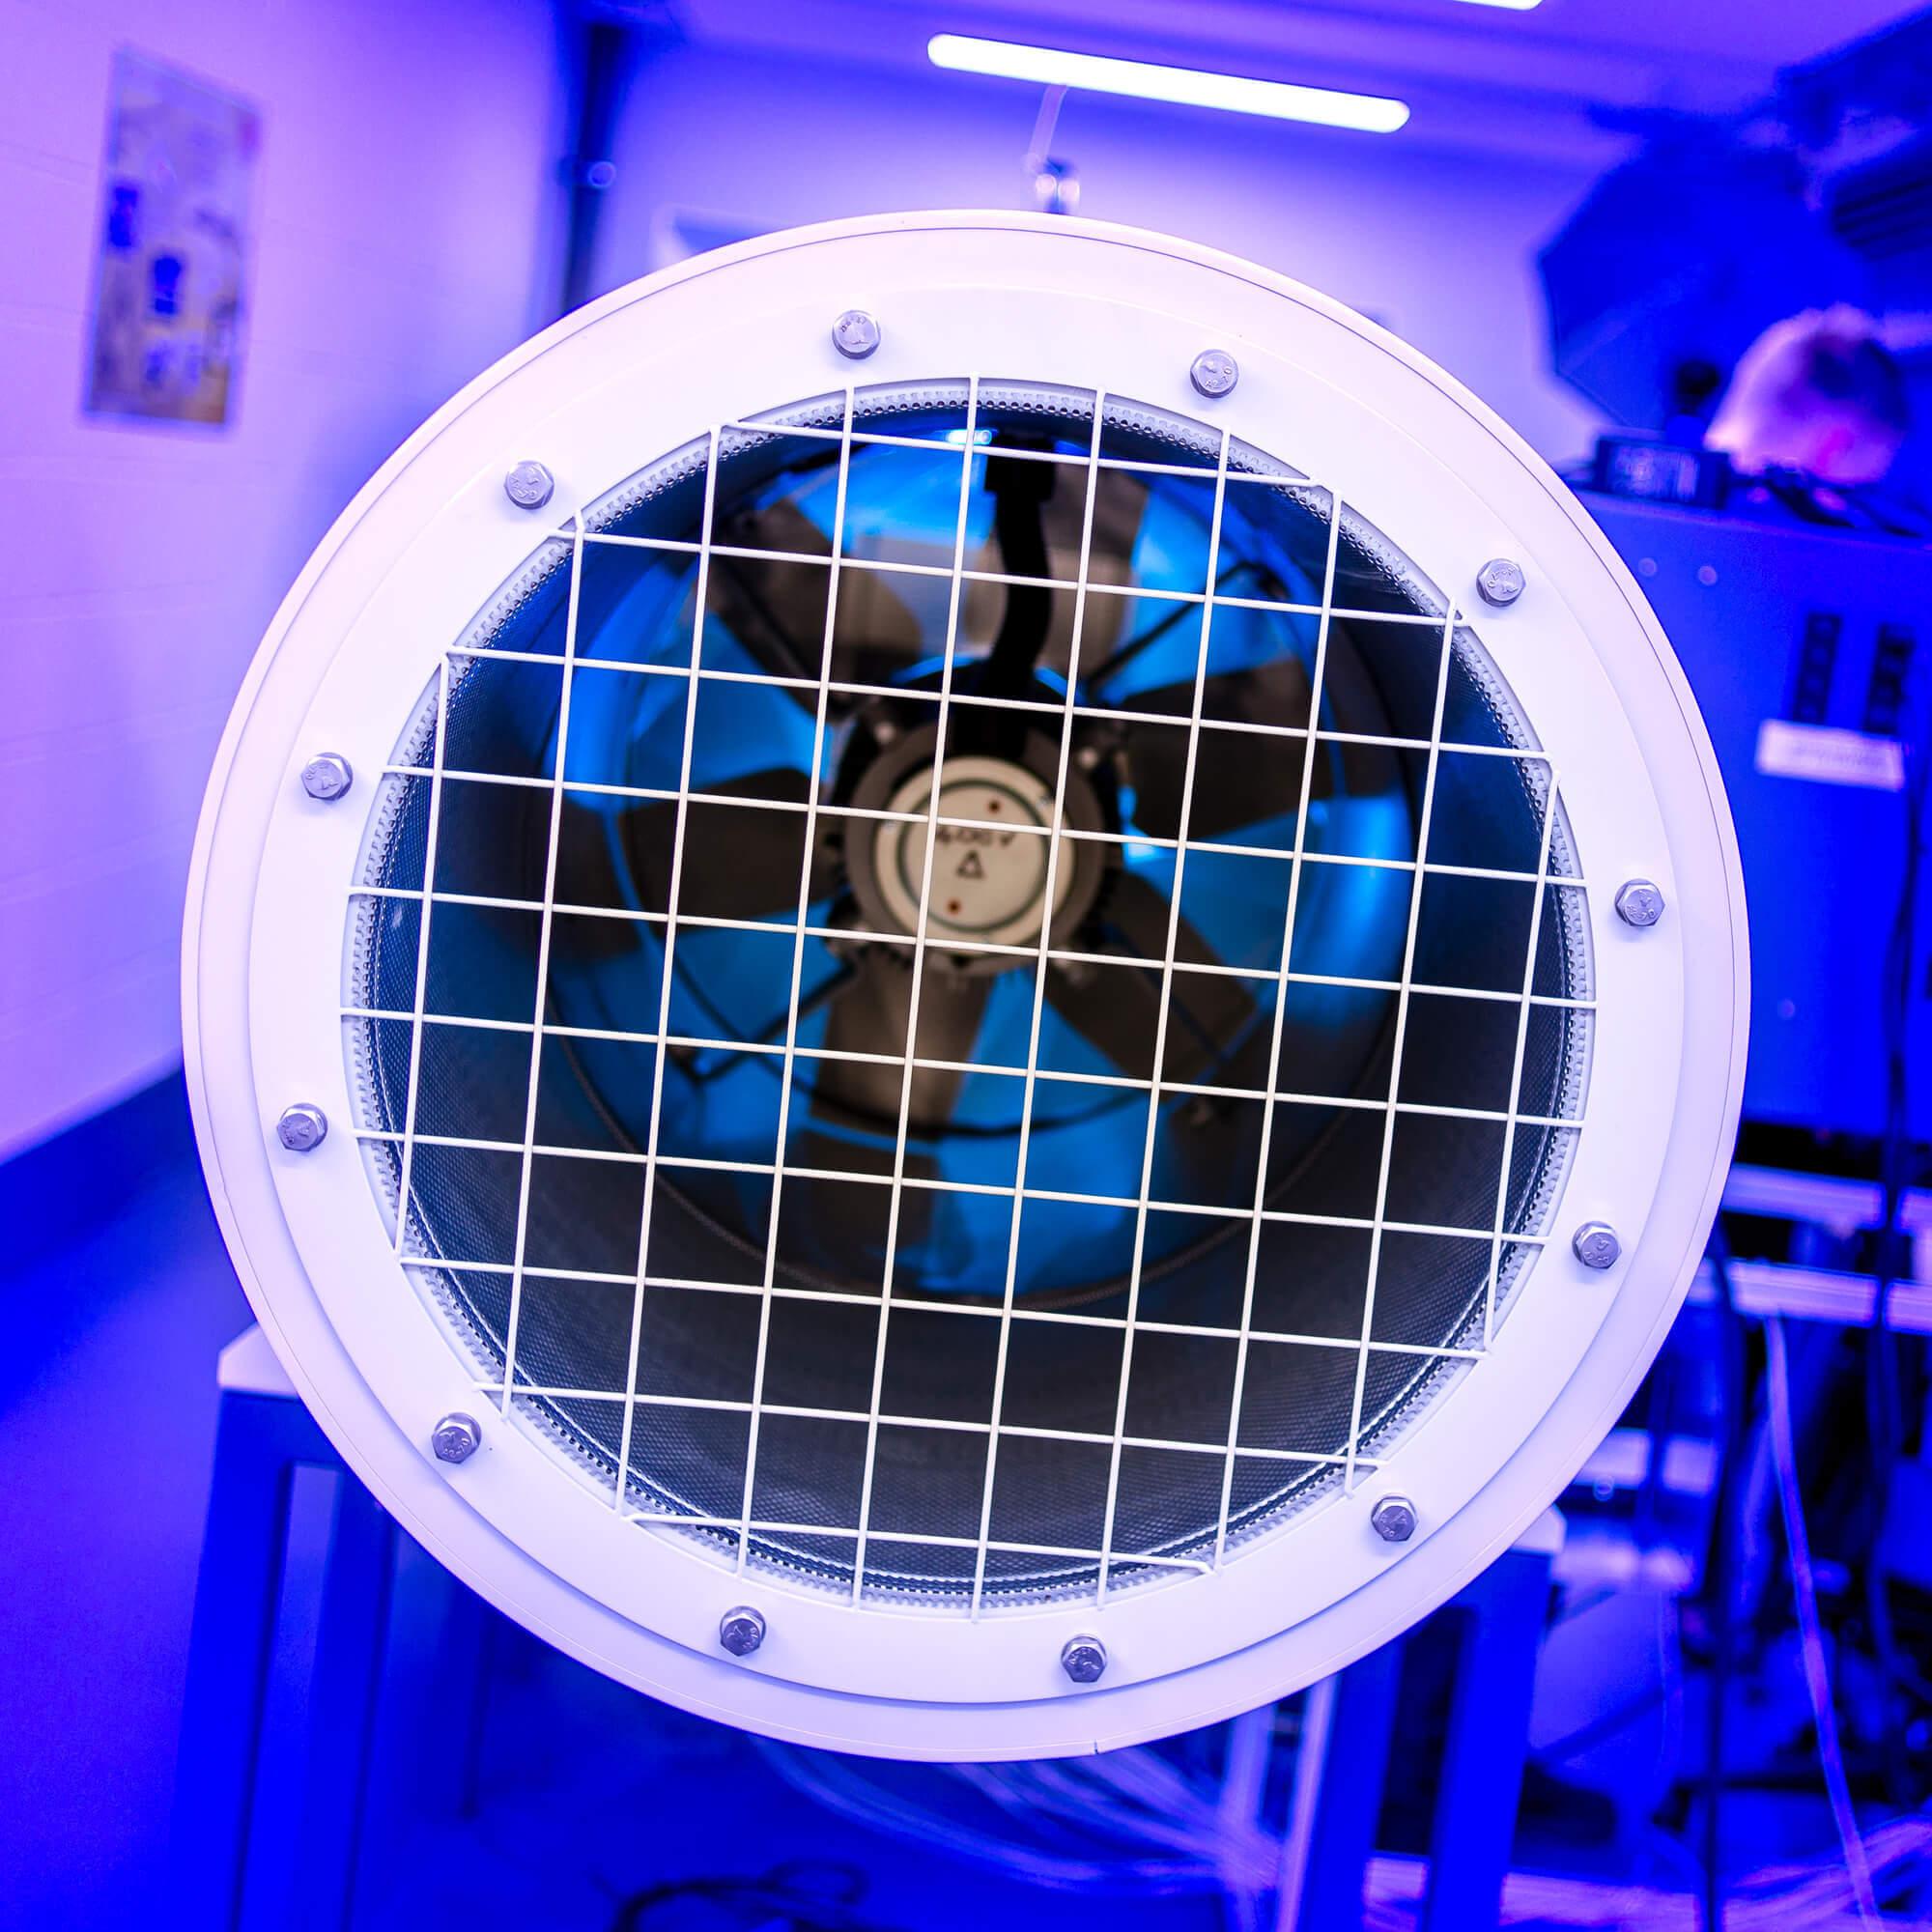 A wind fan in blue lighting